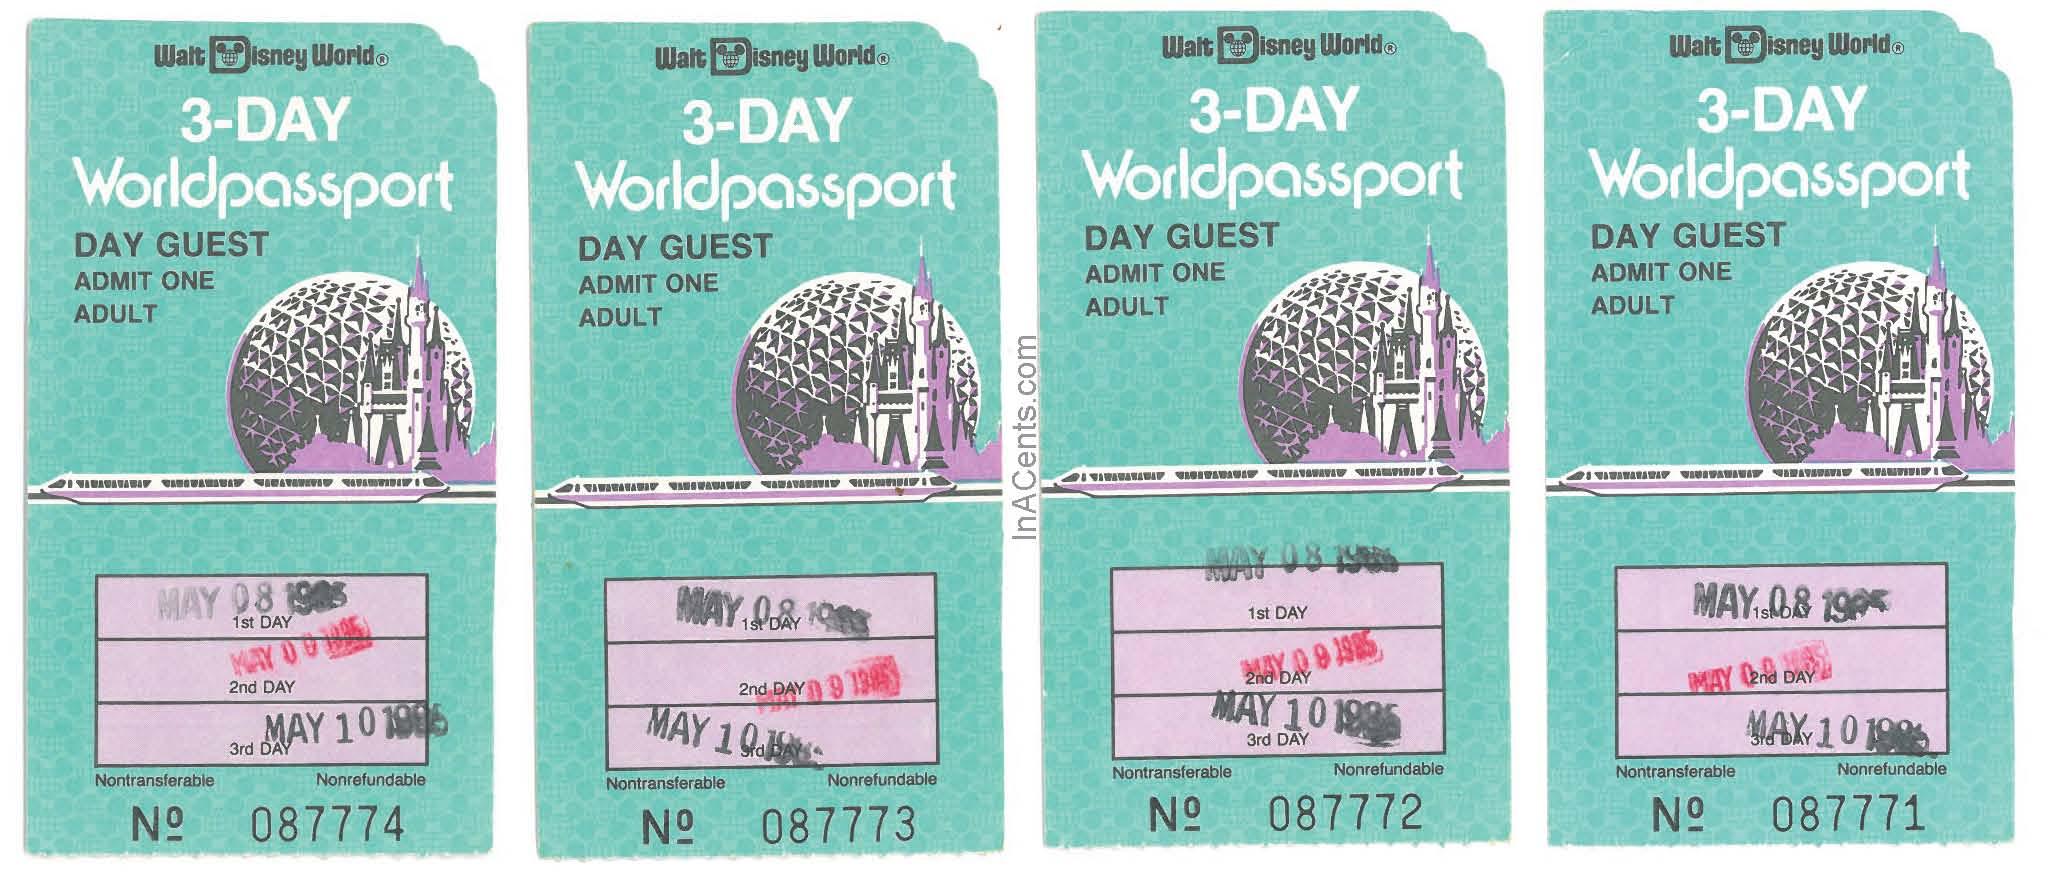 1985 walt disney world 3 day worldpassport ticket stubs inacents 1985 walt disney world 3 day tickets front publicscrutiny Image collections